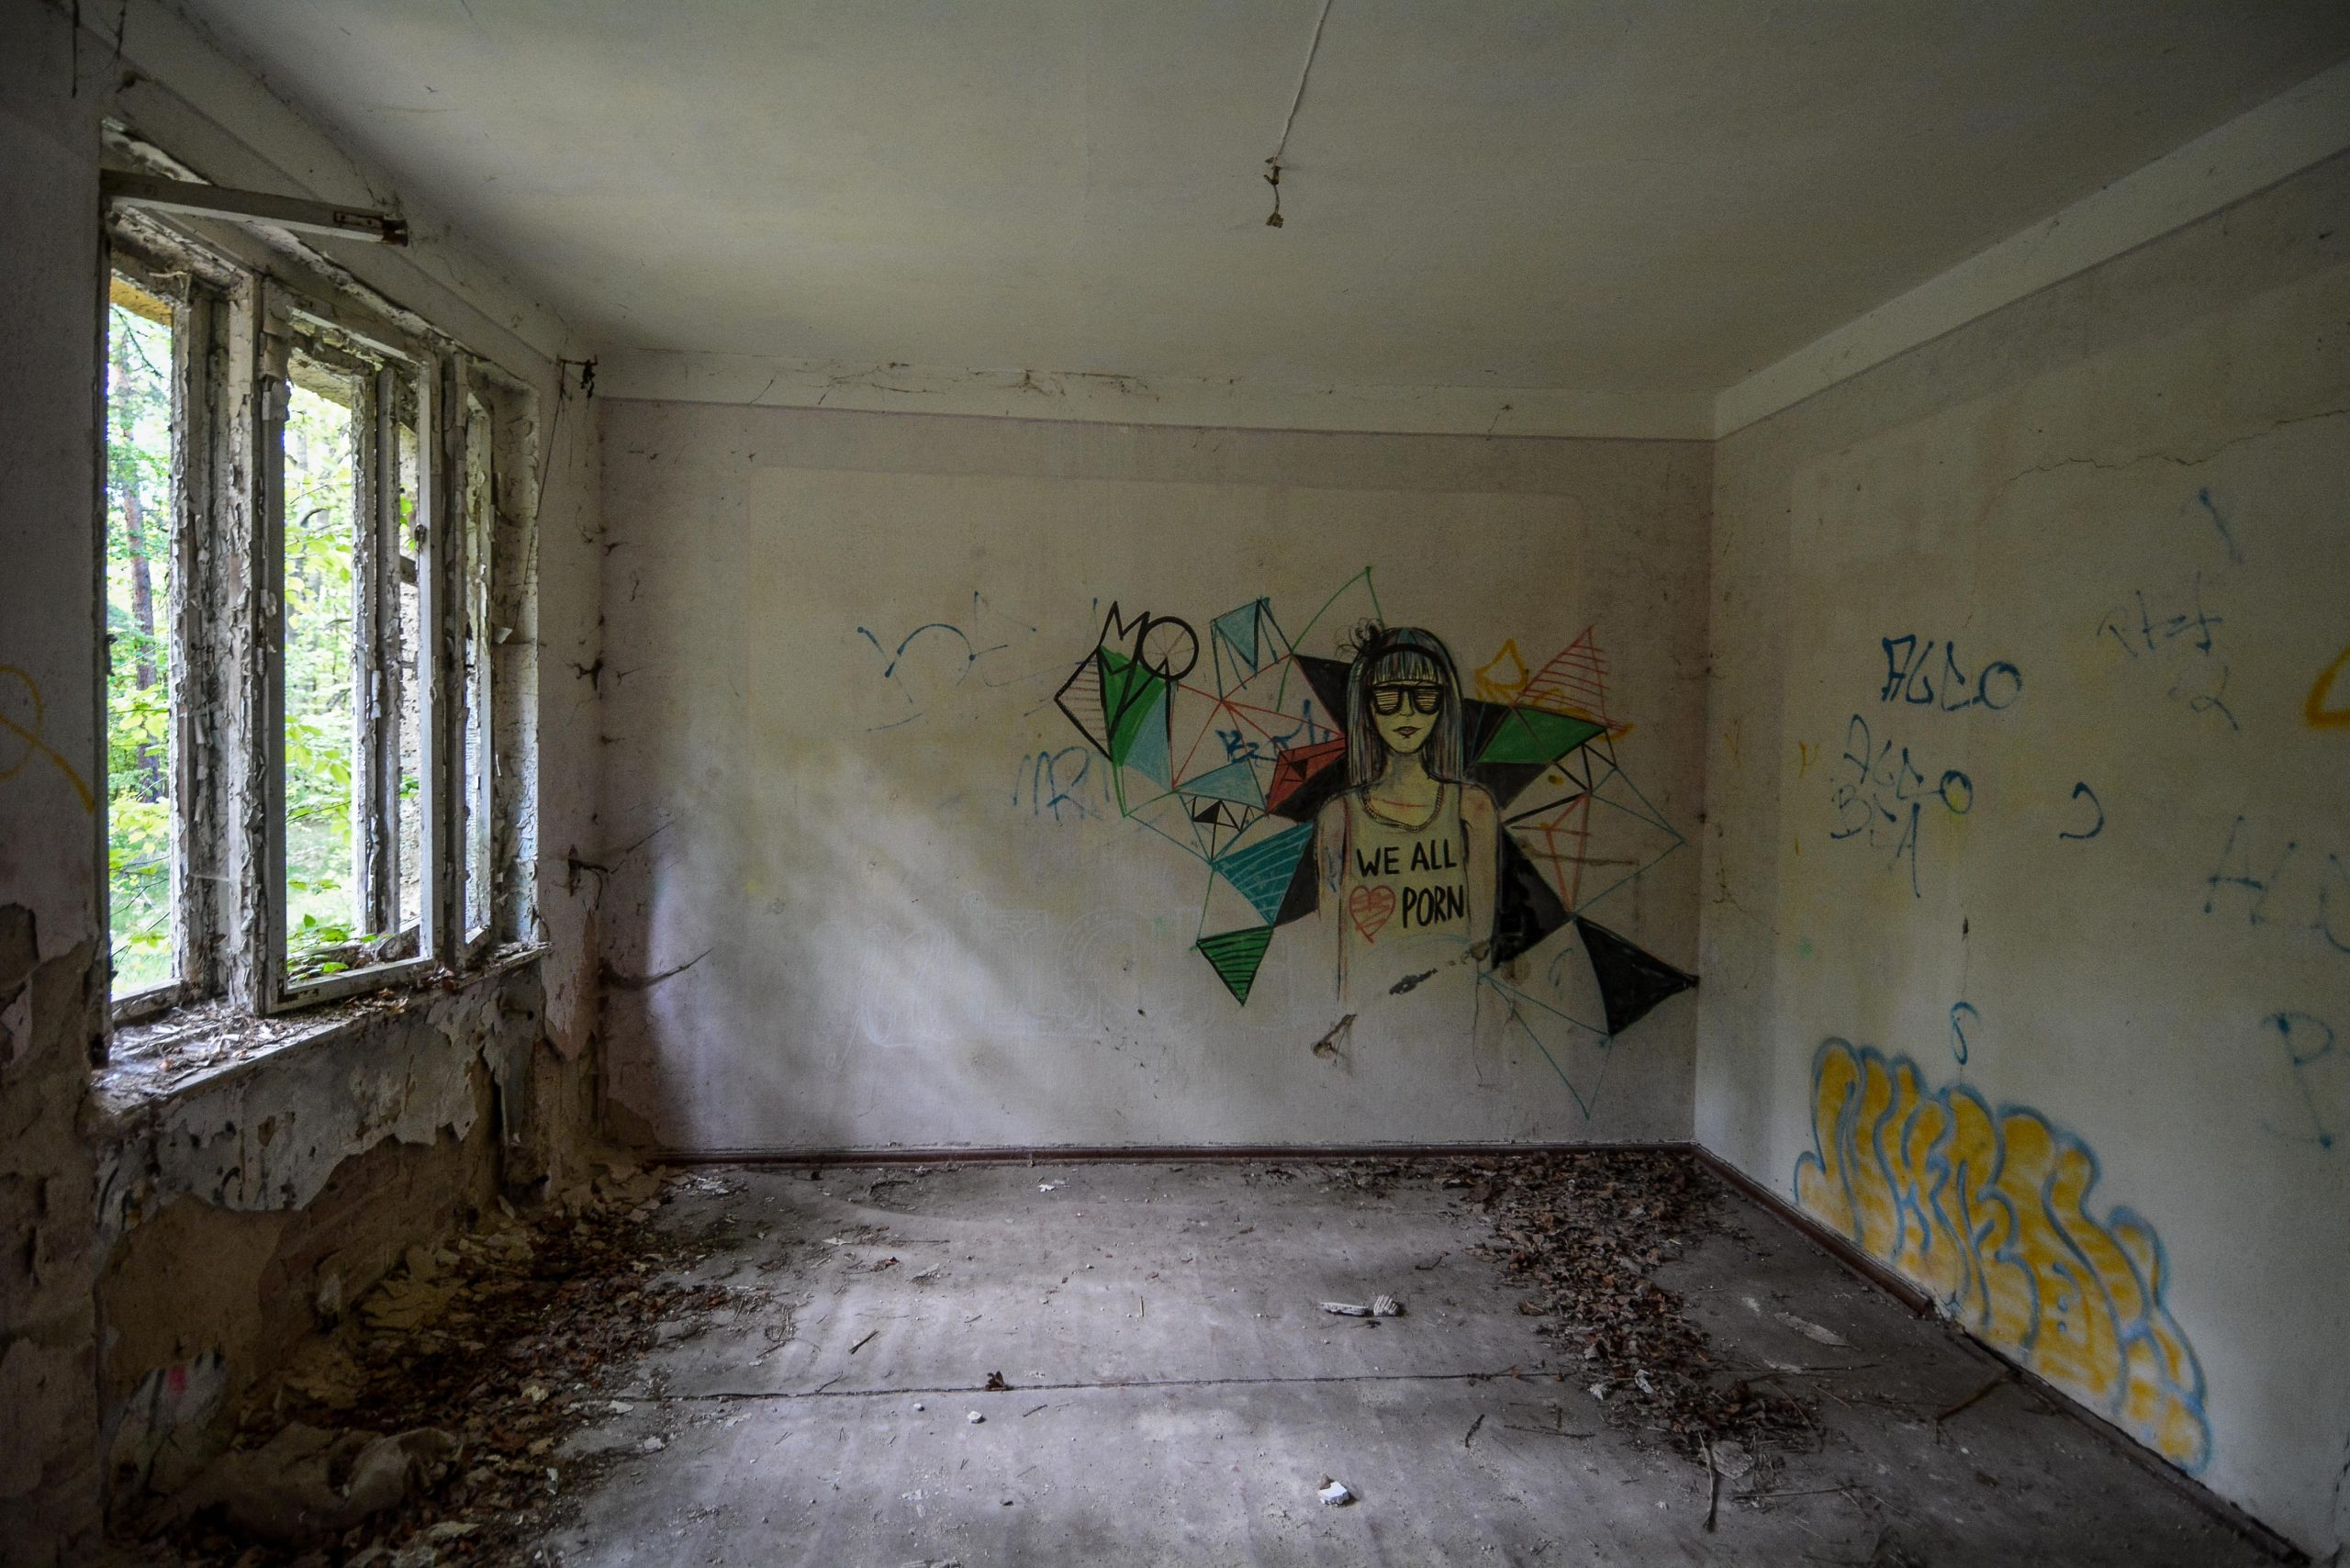 everybody loves porn graffiti tuberkulose heilstaette grabowsee sanatorium oranienburg lost places abandoned urbex brandenburg germany deutschland